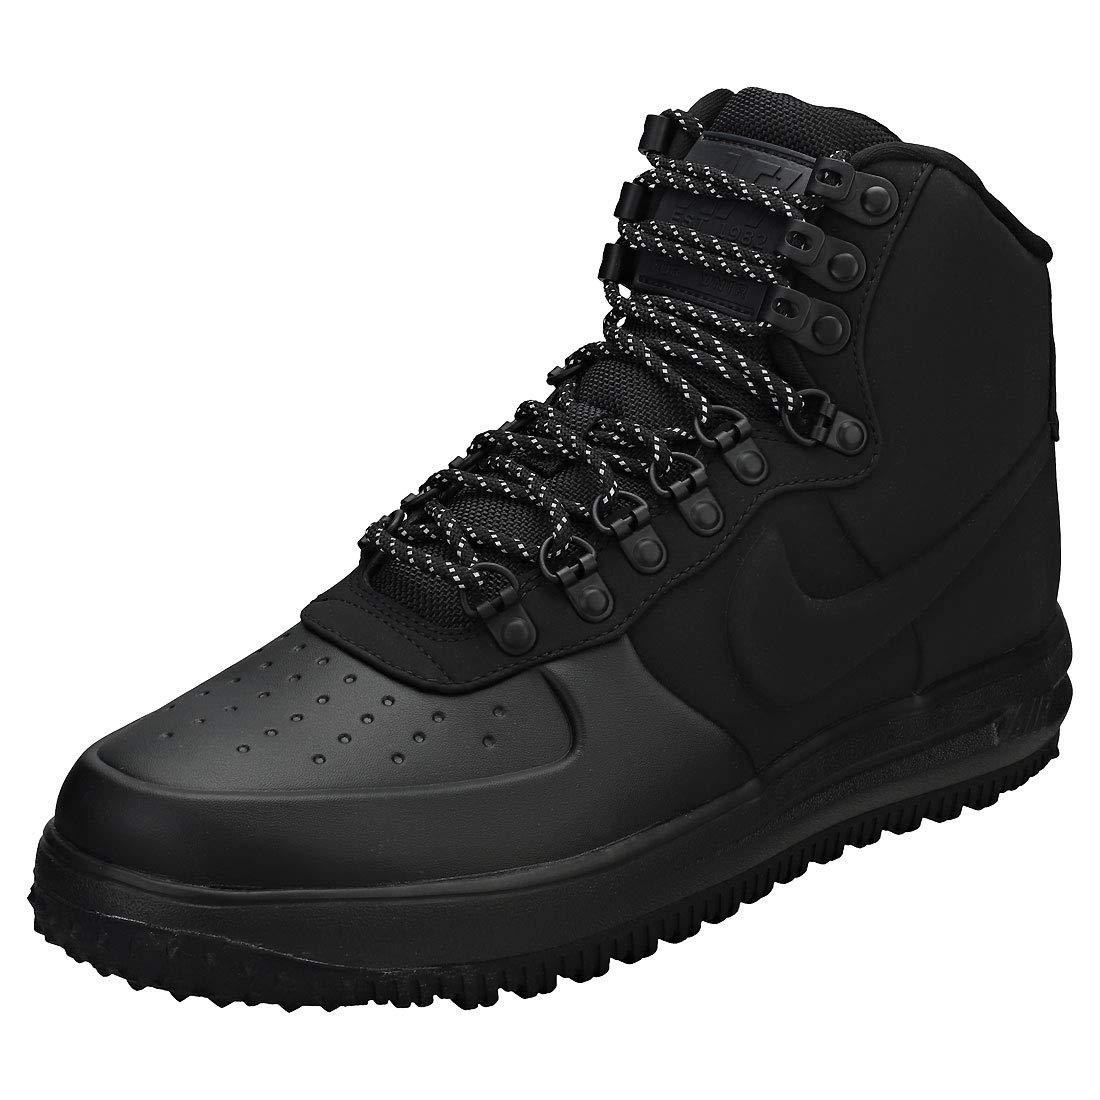 Nike Herren Lunar Force 1 DuckStiefel '18 Fitnessschuhe B00HDPNX7C    Spezielle Funktion